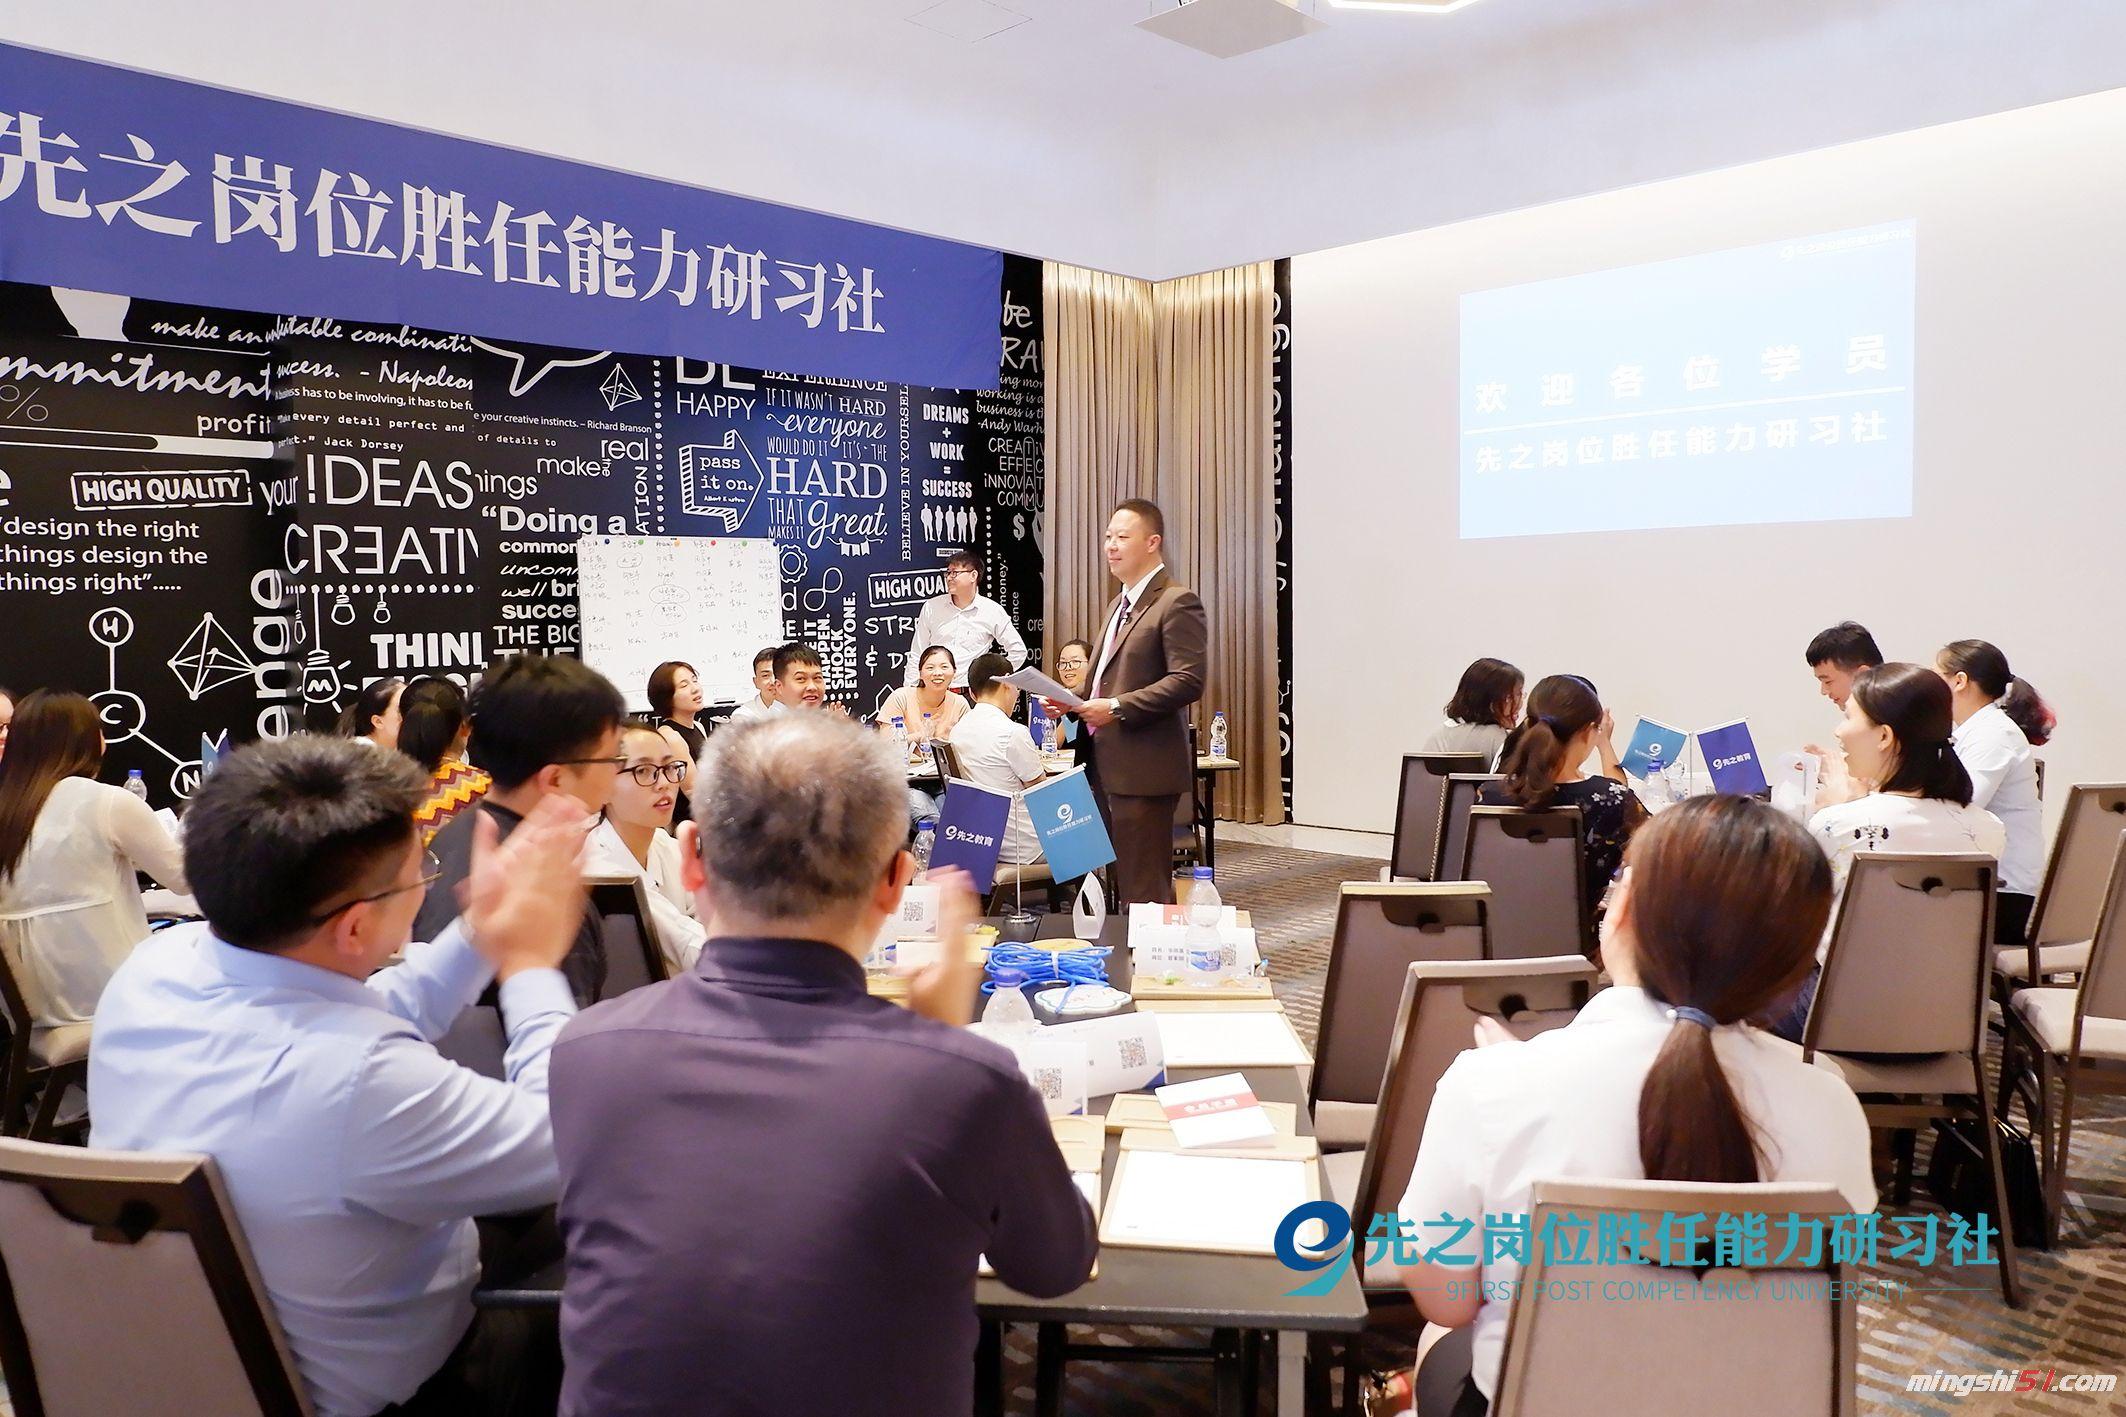 先之教育岗位胜任力研习社客户体验管理课程